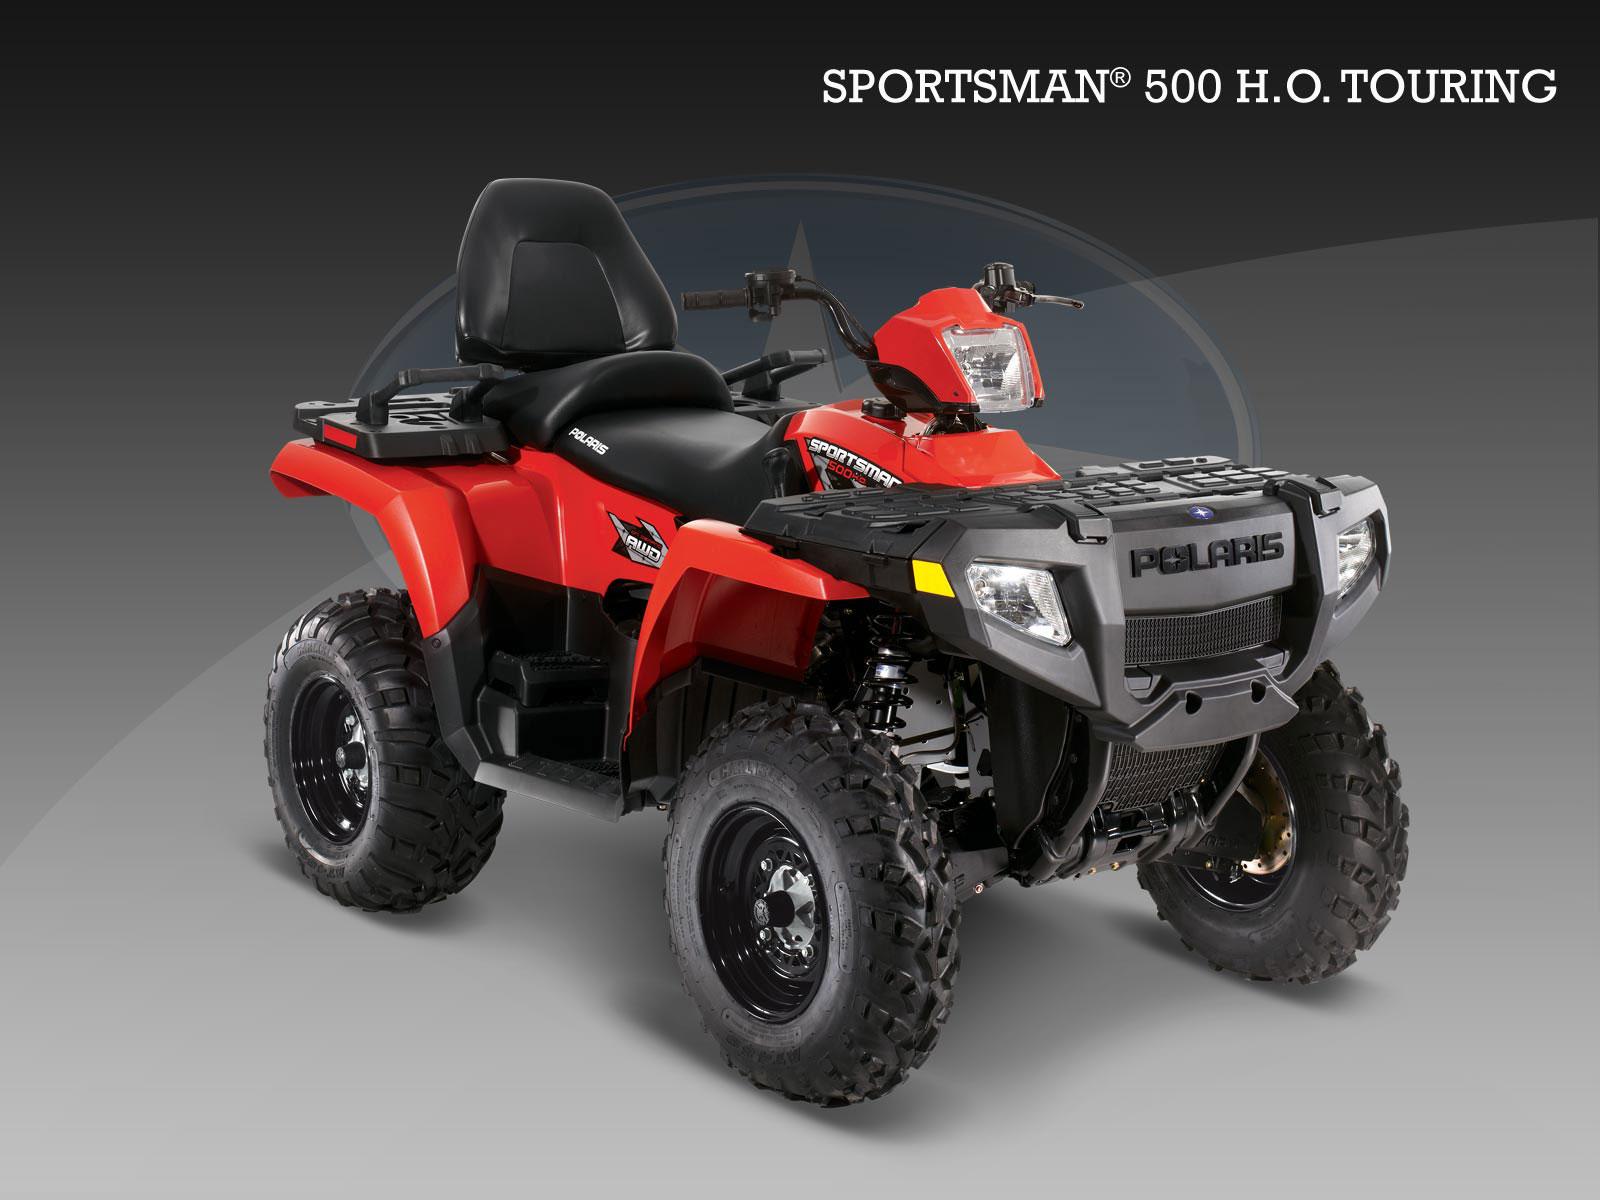 Polaris Sportsman 500 Touring H O Specs 2009 2010